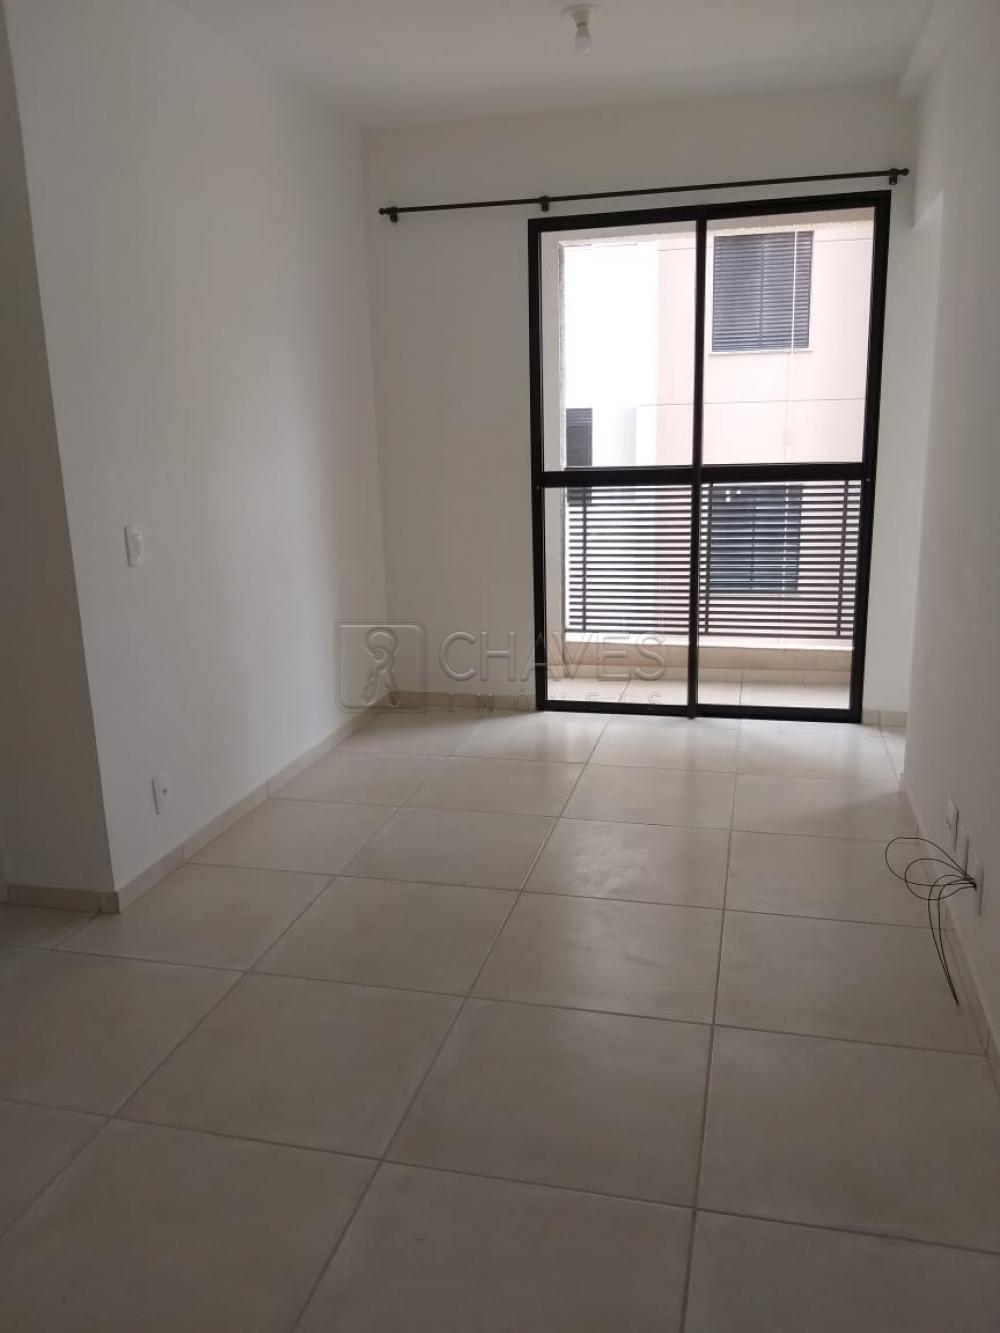 Alugar Apartamento / Padrão em Bonfim Paulista apenas R$ 900,00 - Foto 2